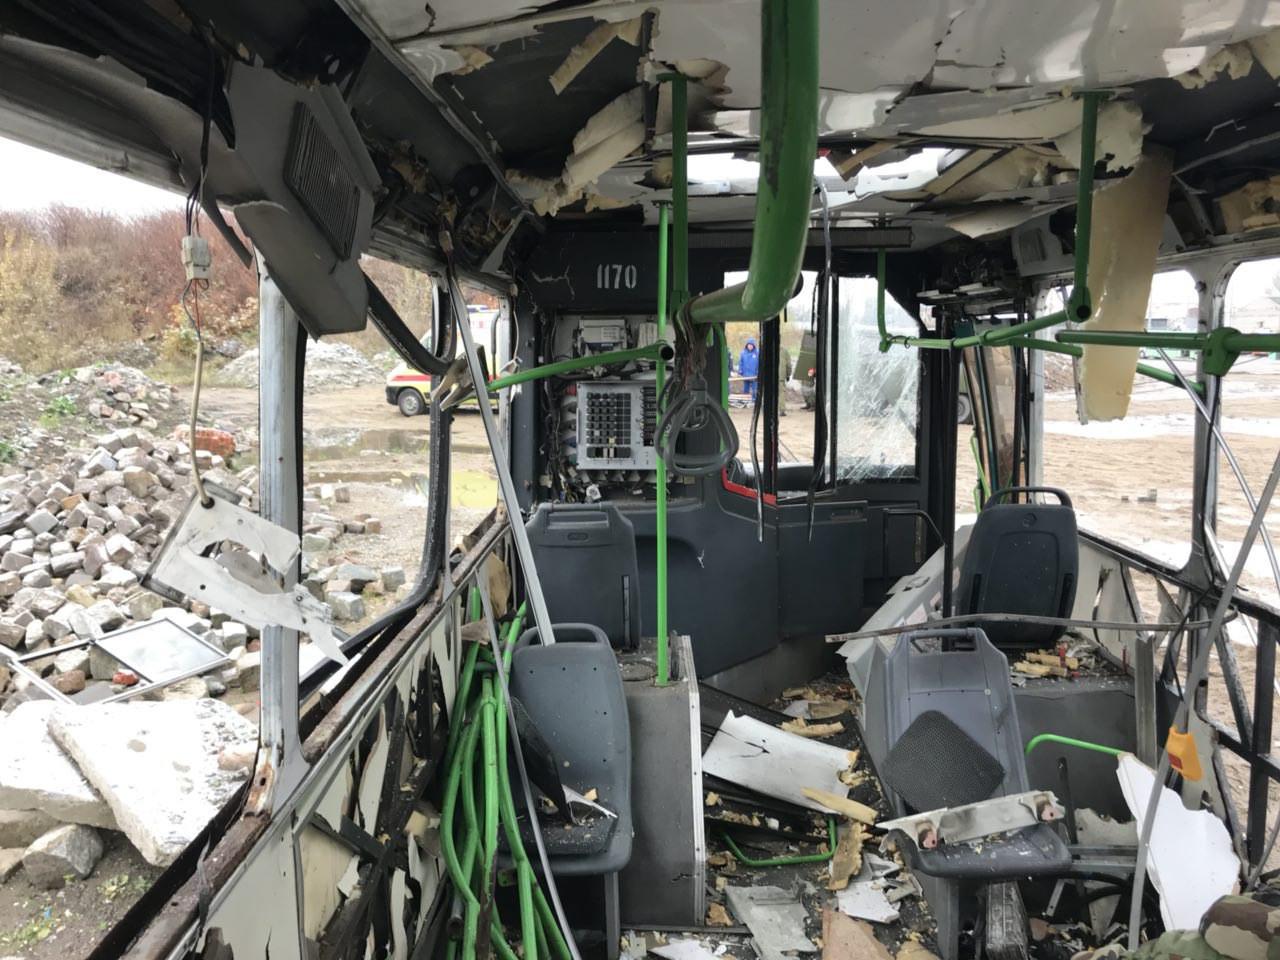 ВКалининграде научениях взорвался автобус сфутбольными фанатами